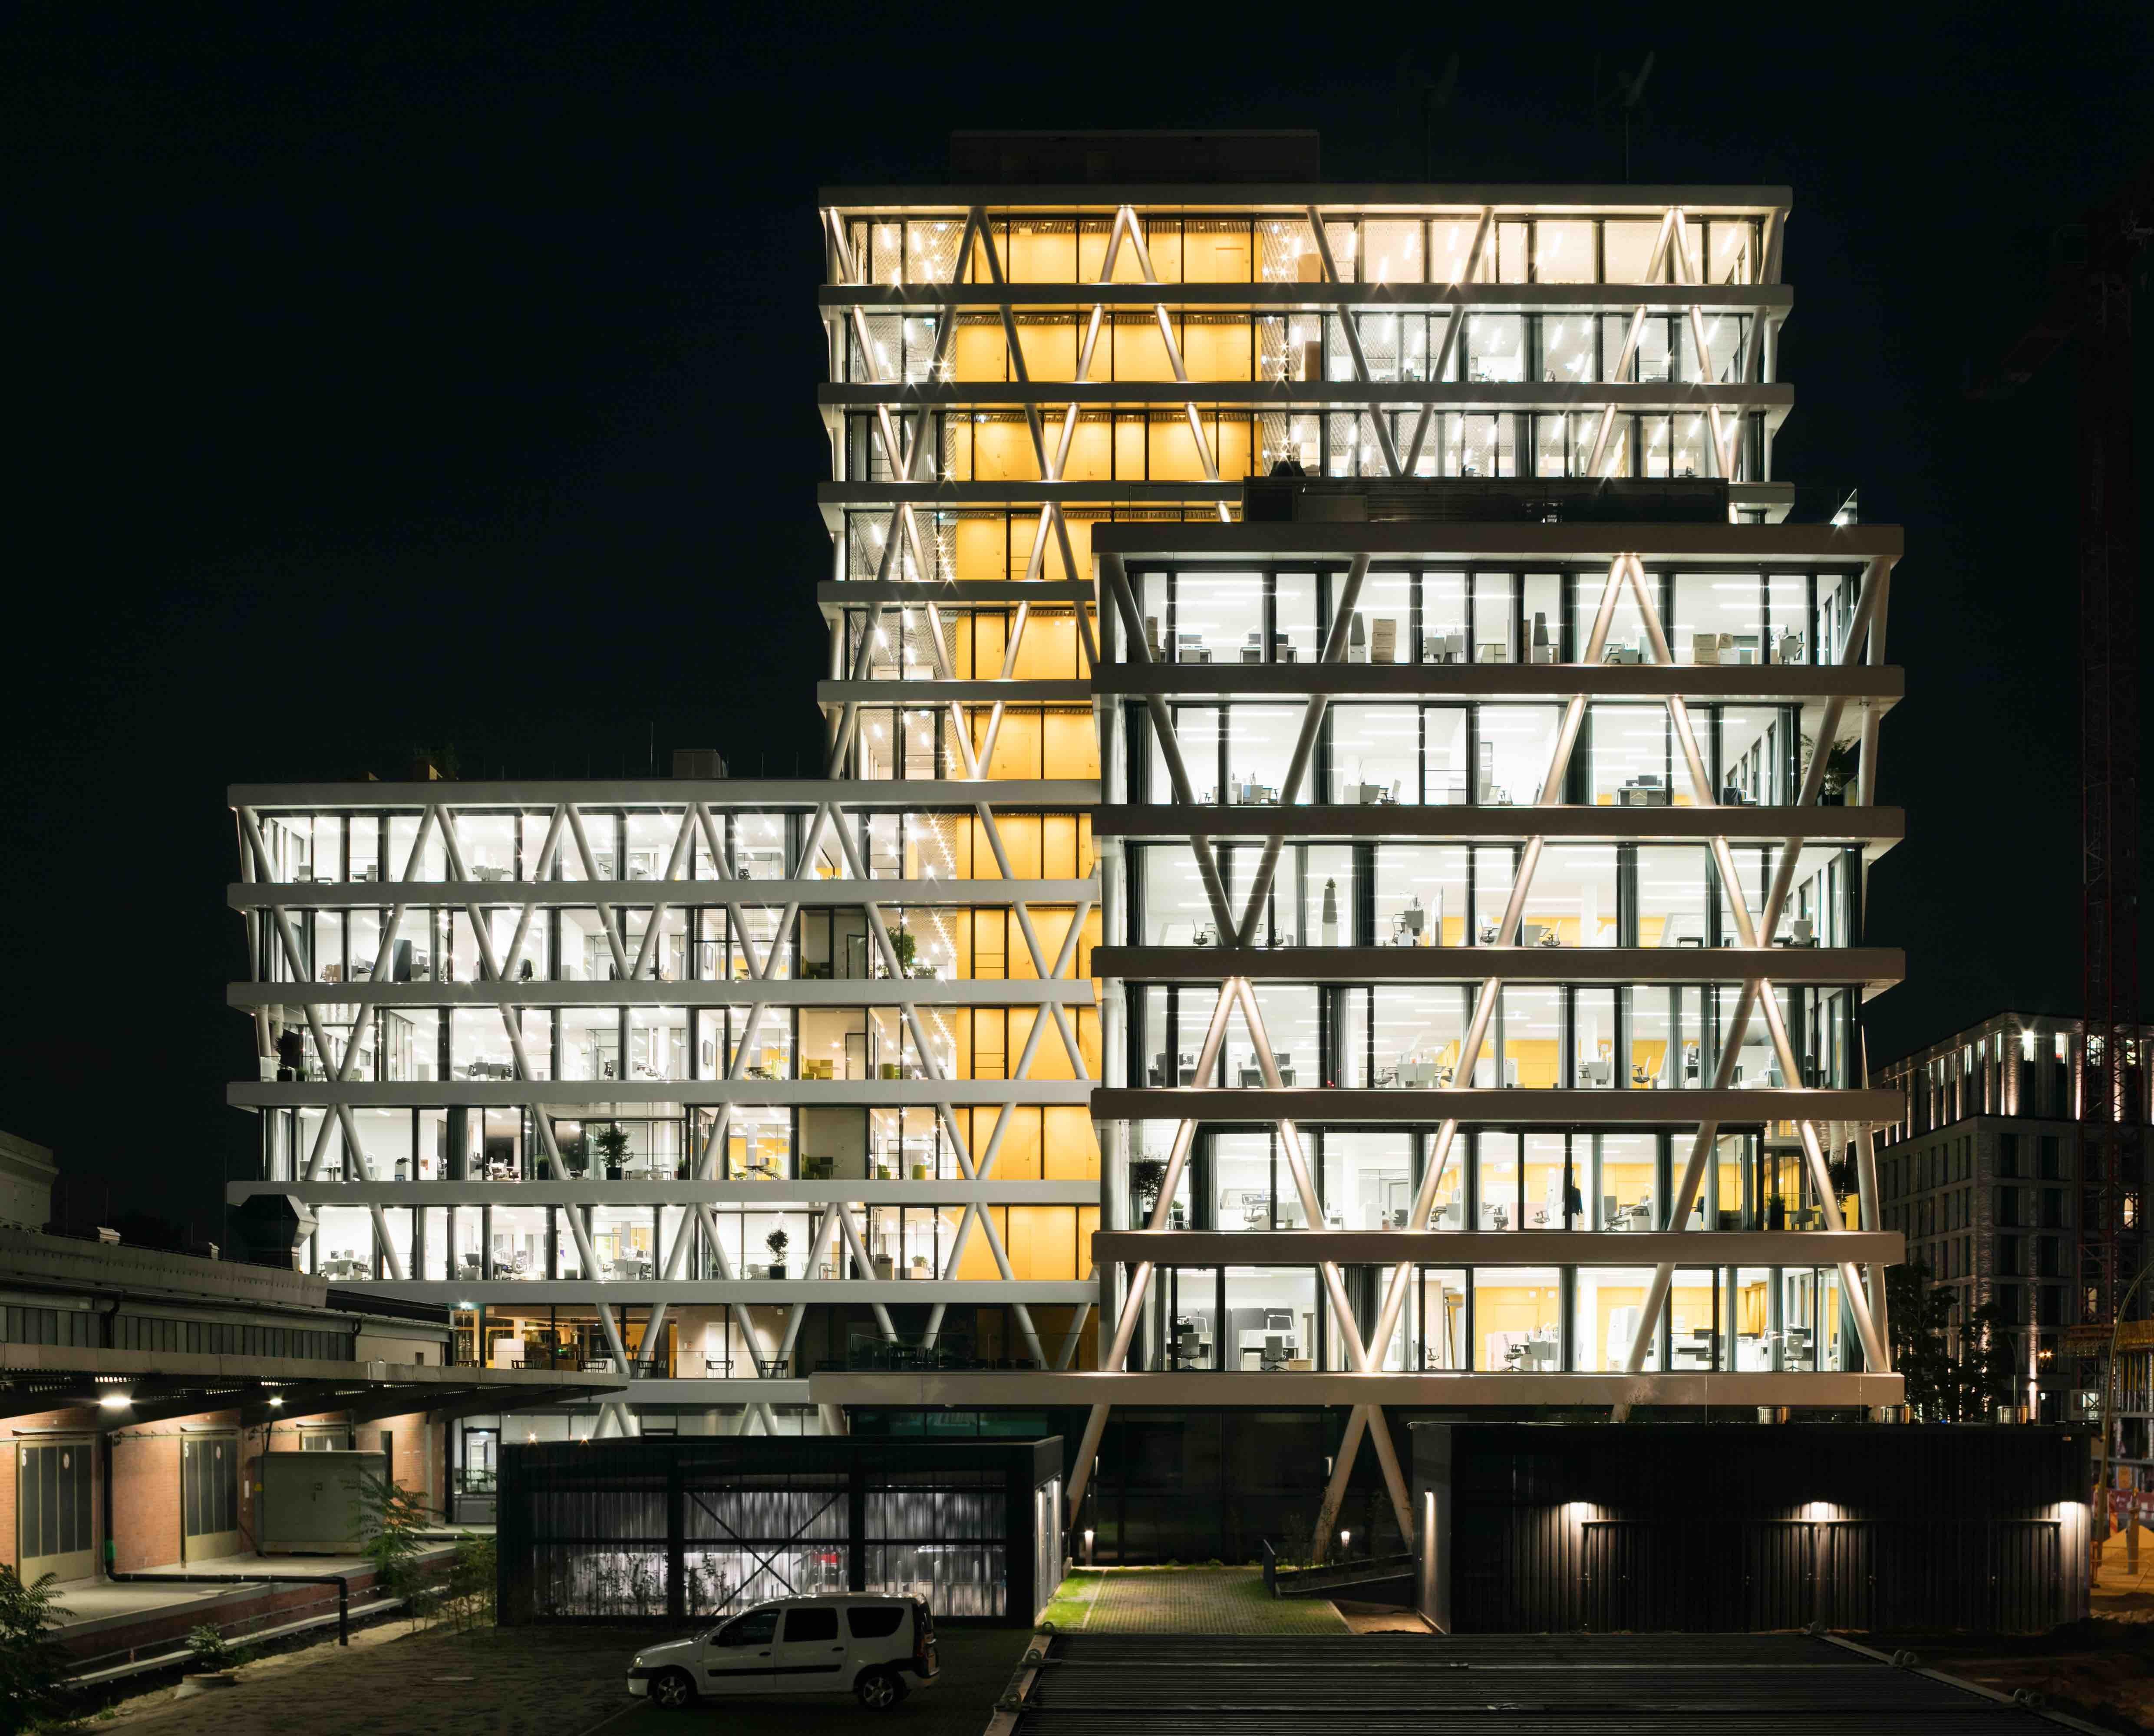 50Hertz Building in Berlin